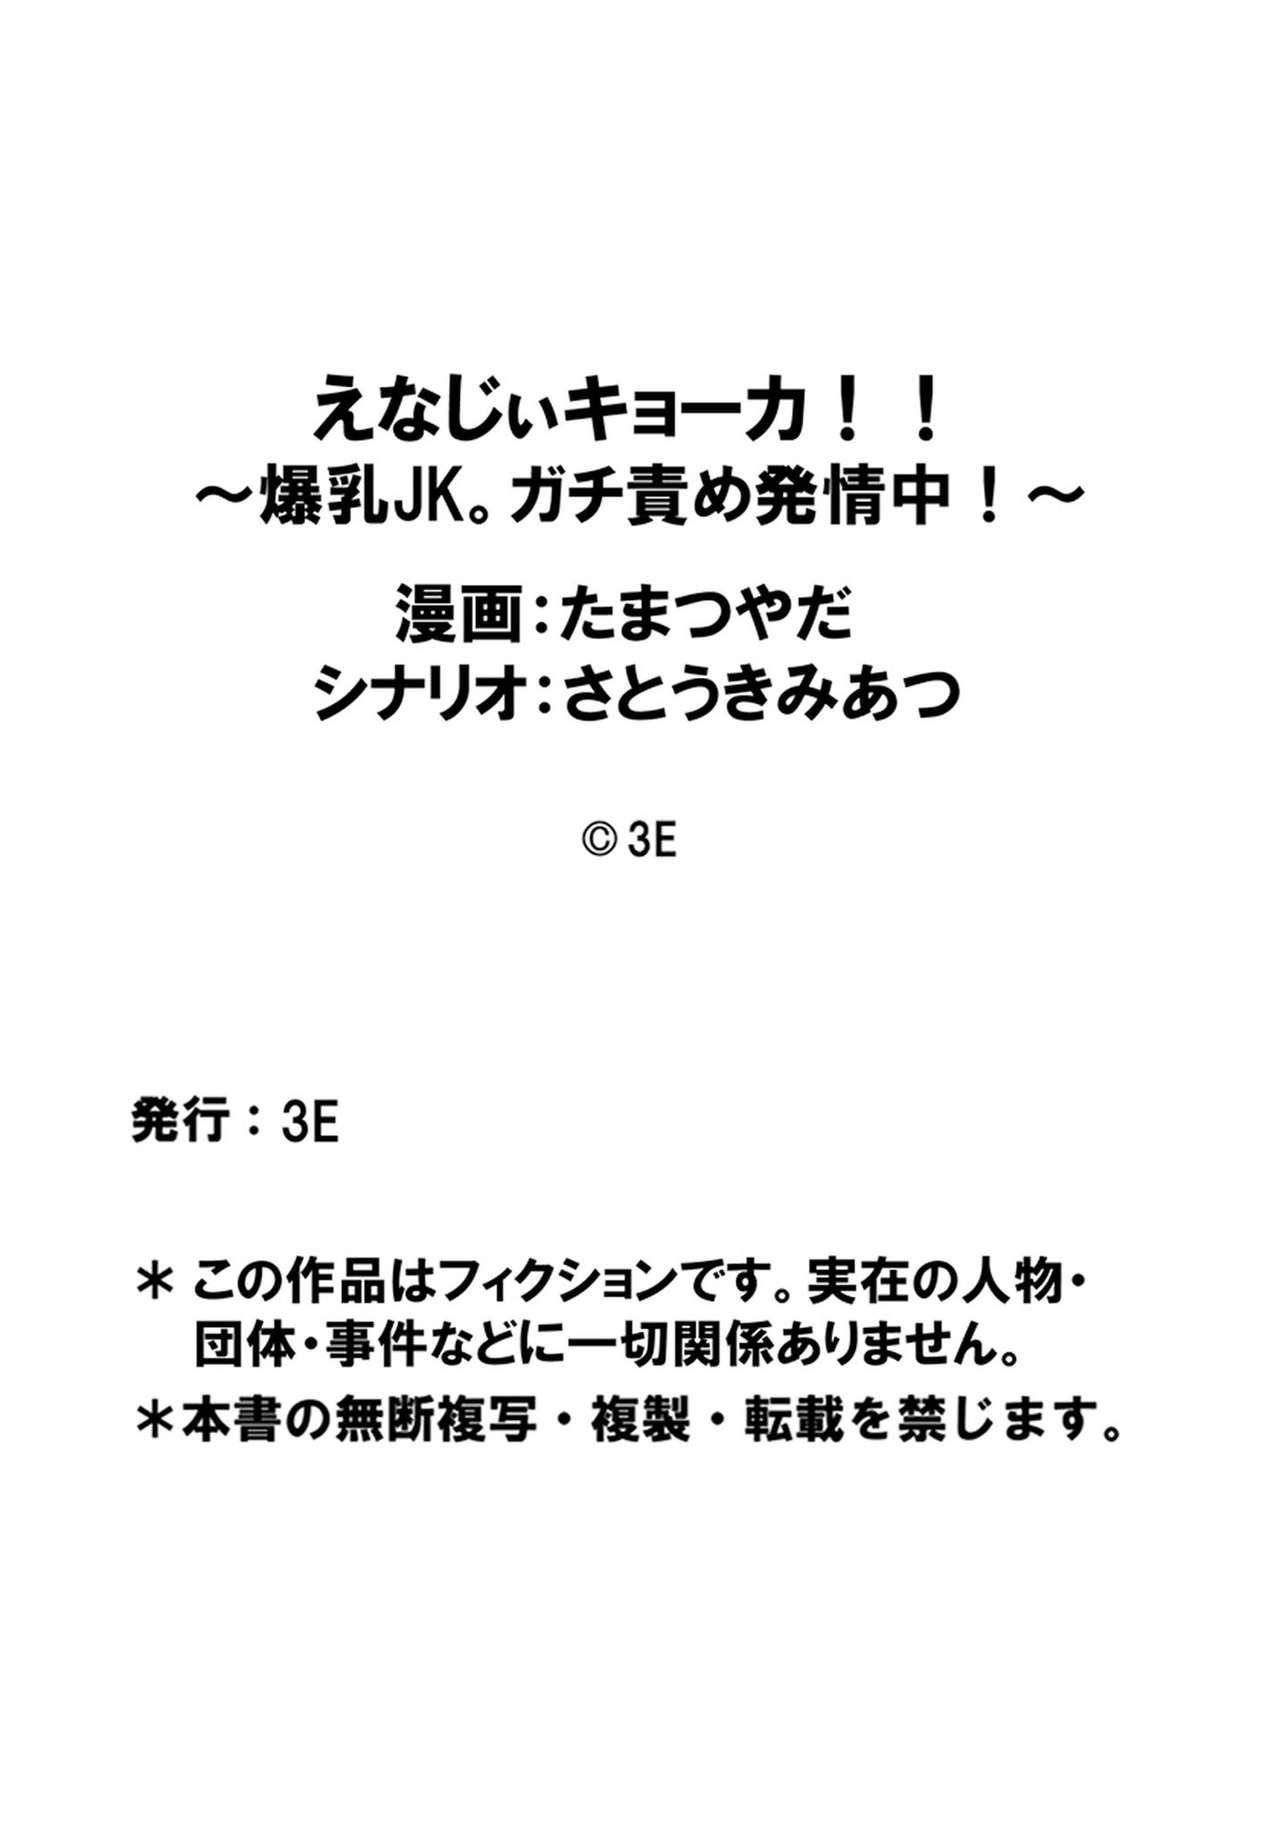 [Tamatsuyada, Satou Kimiatsu] Energy Kyo-ka!! ~Bakunyuu JK. Gachi Zeme Hatsujou Chuu!~ Omata de Nukarete Okuchi de Gokugoku? Yuujou to Fukujuu no Semen Gourmet Match!? 19